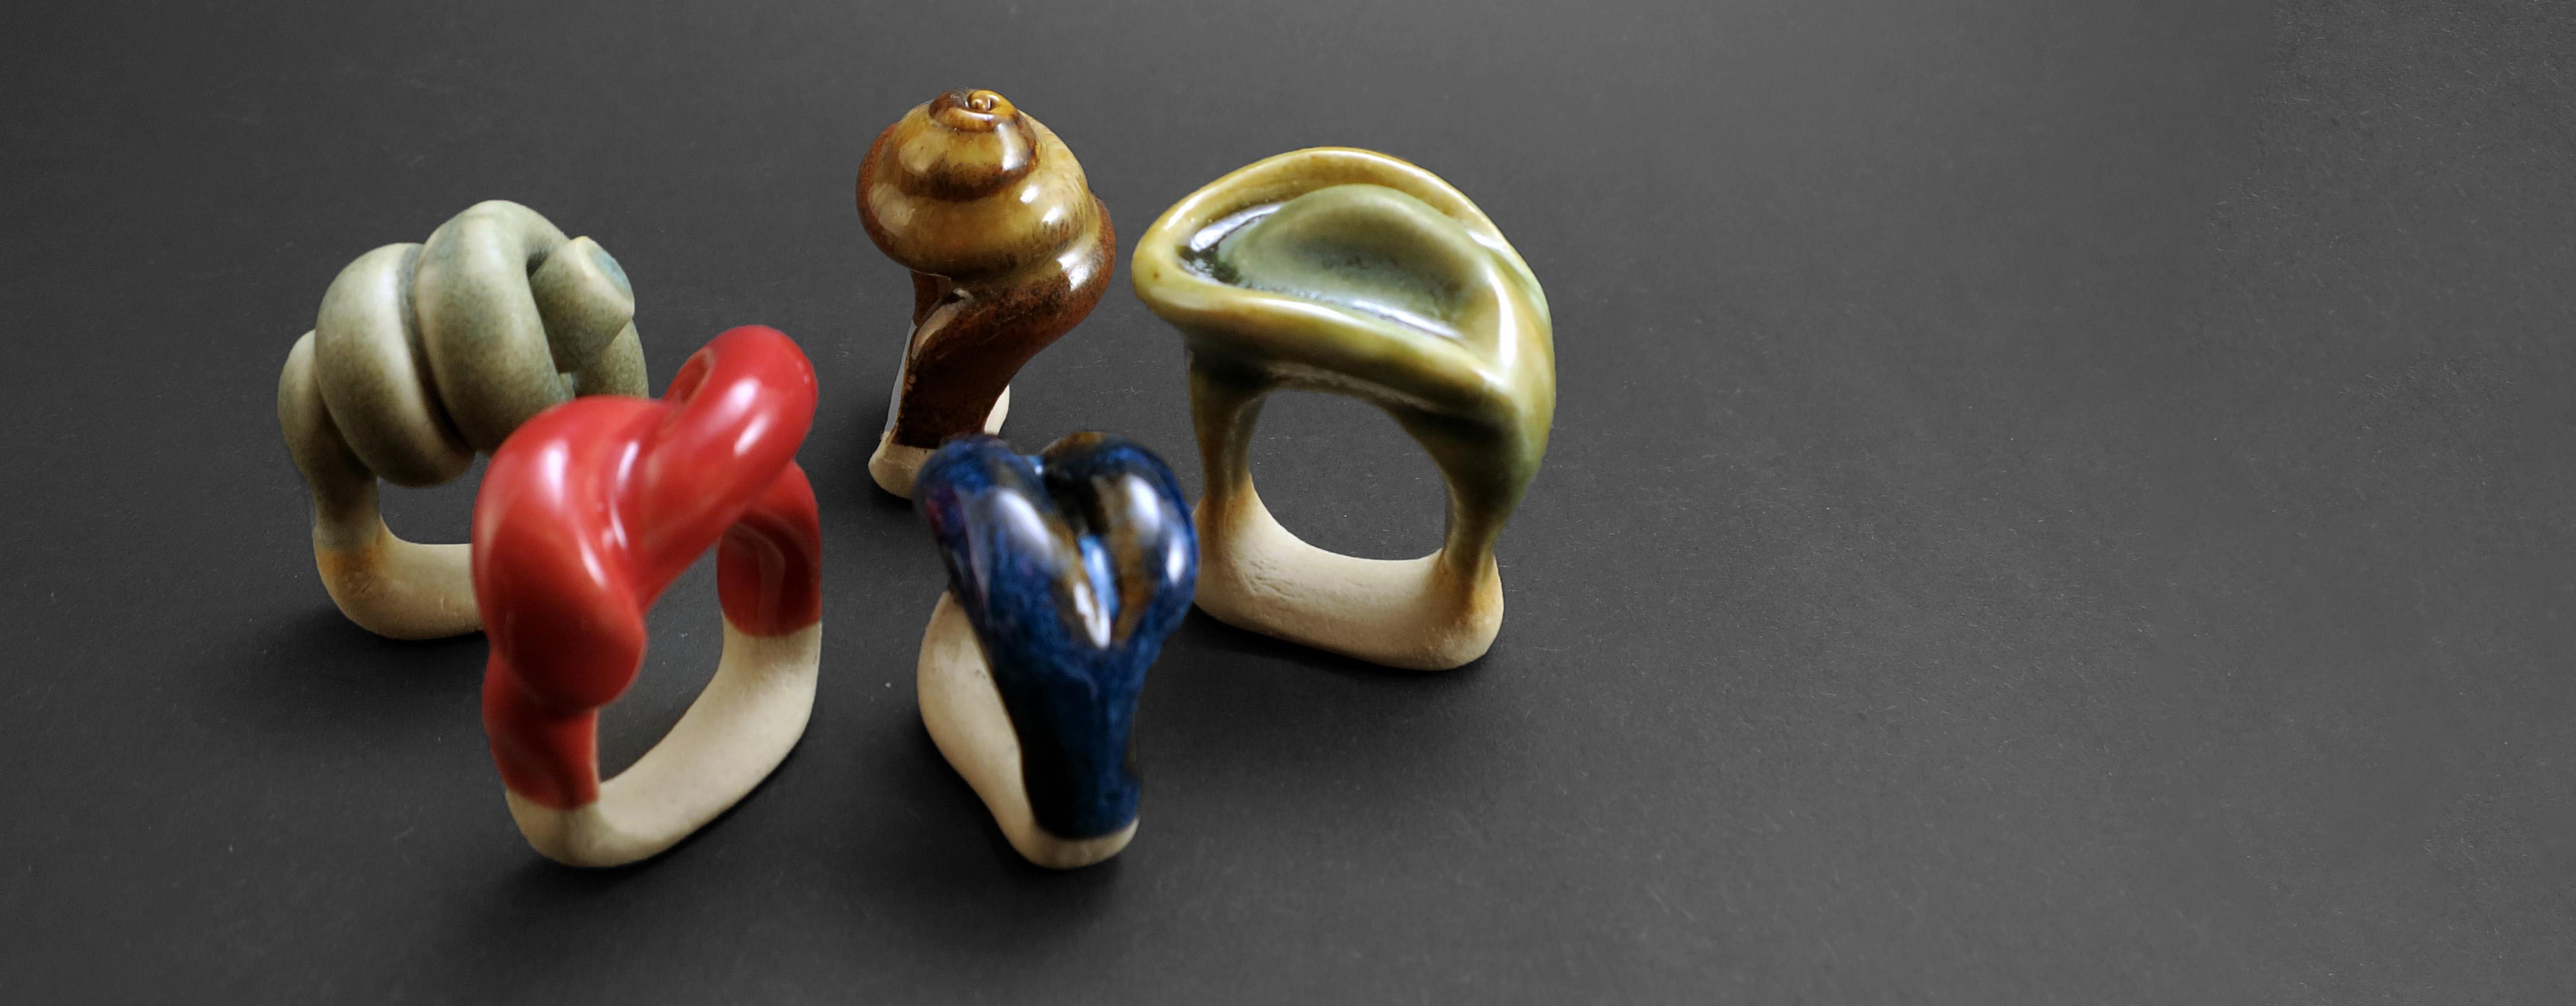 Ceramic Jewelry - Ildikó Károlyi